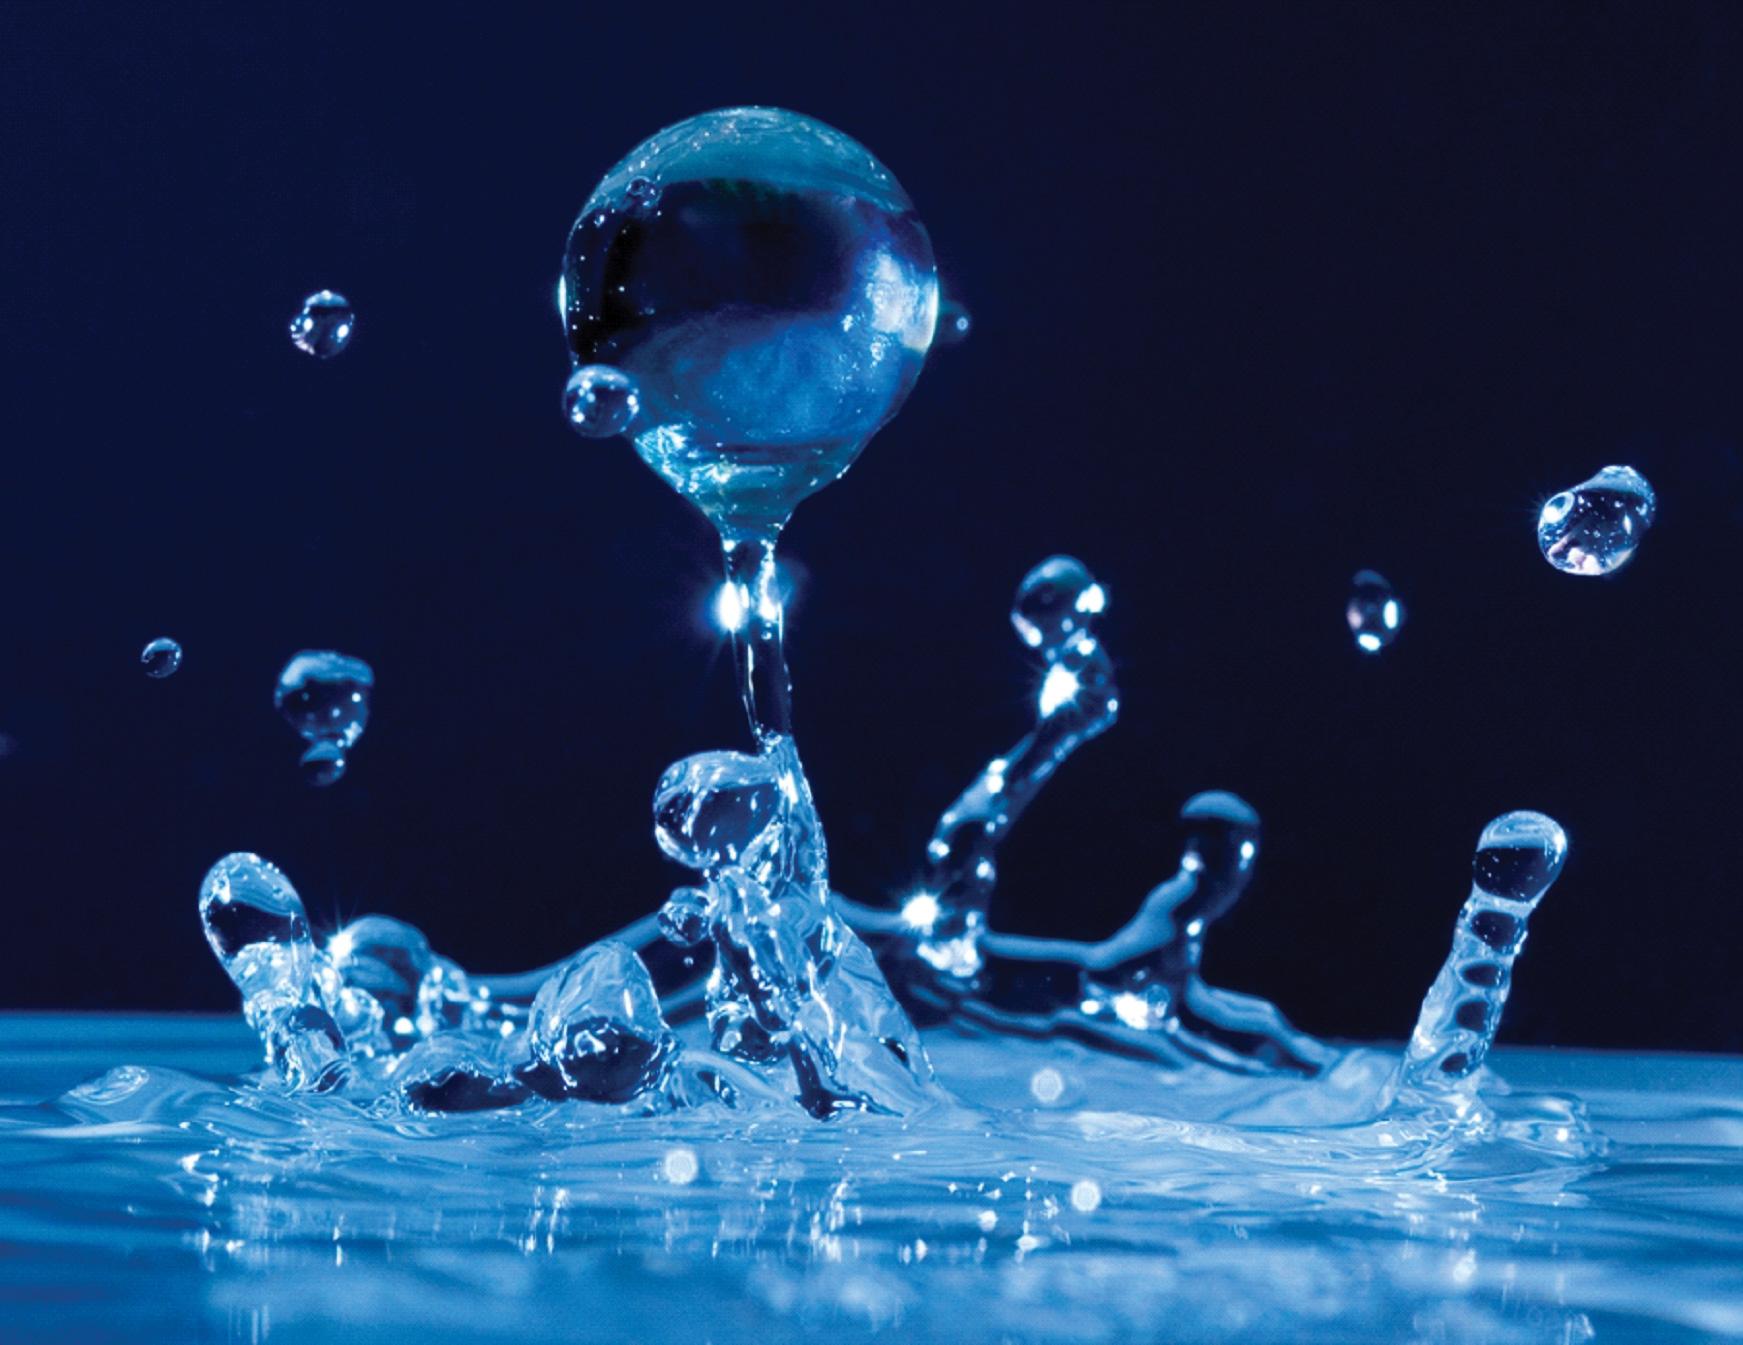 water-bjteuq34.jpg